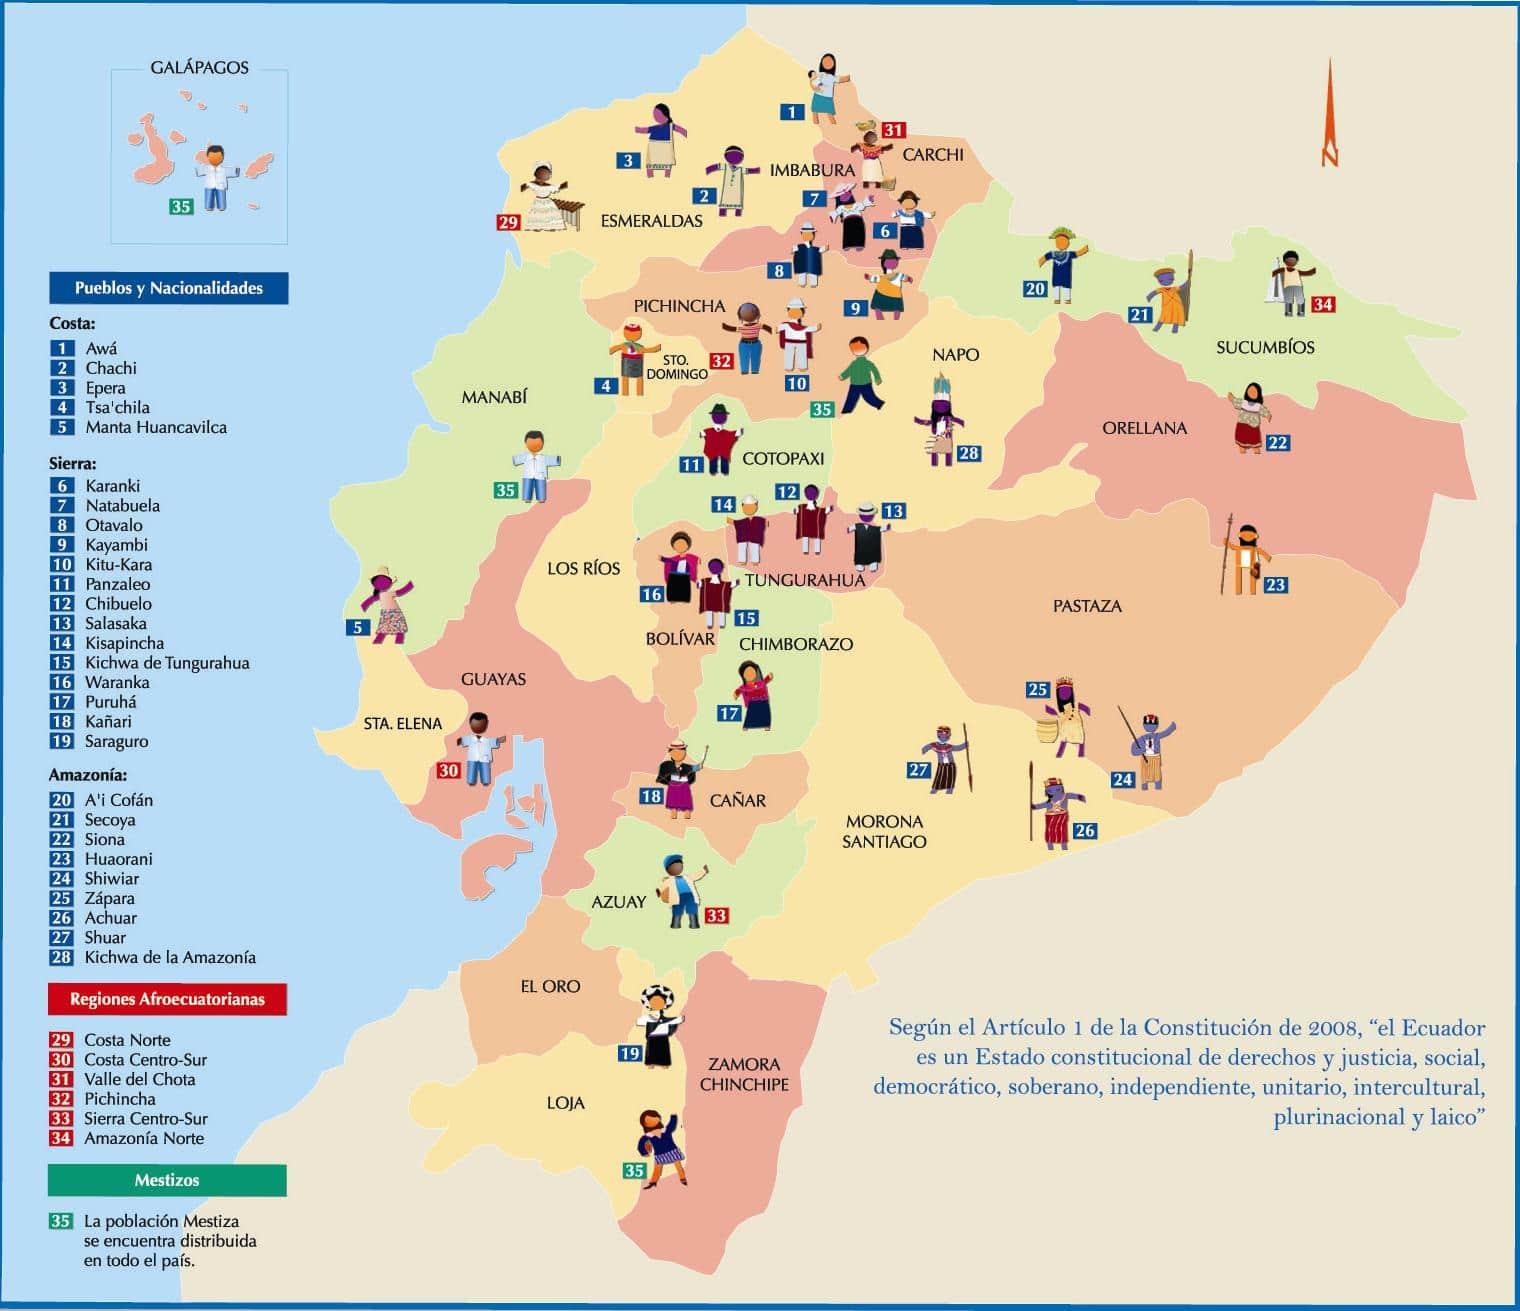 Etnias del Ecuador - Población indígena